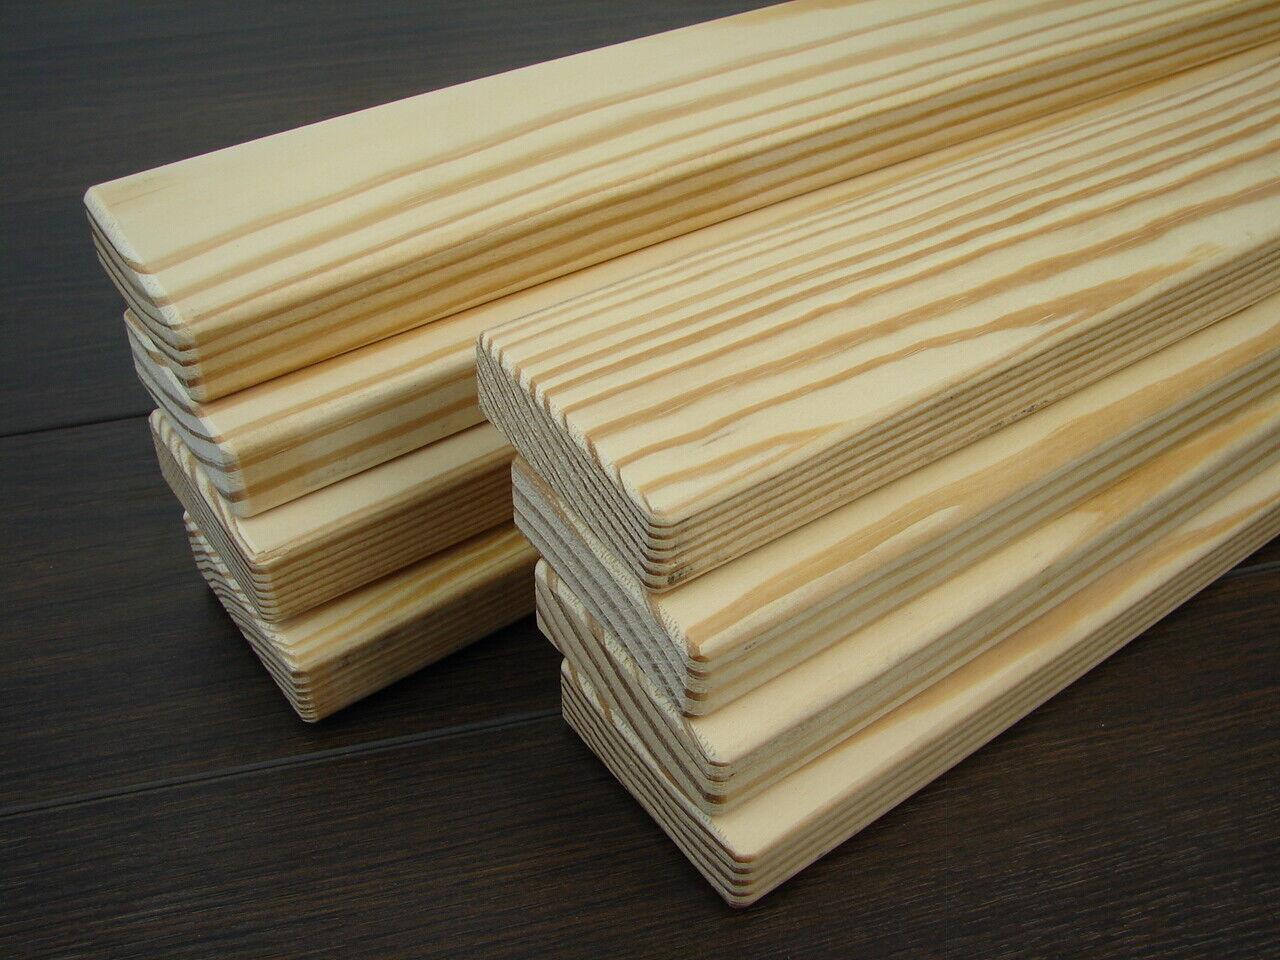 Banklatten Southern Yellow Pine 22x65mm versch. Längen Gartenbank Holzbank Bänke